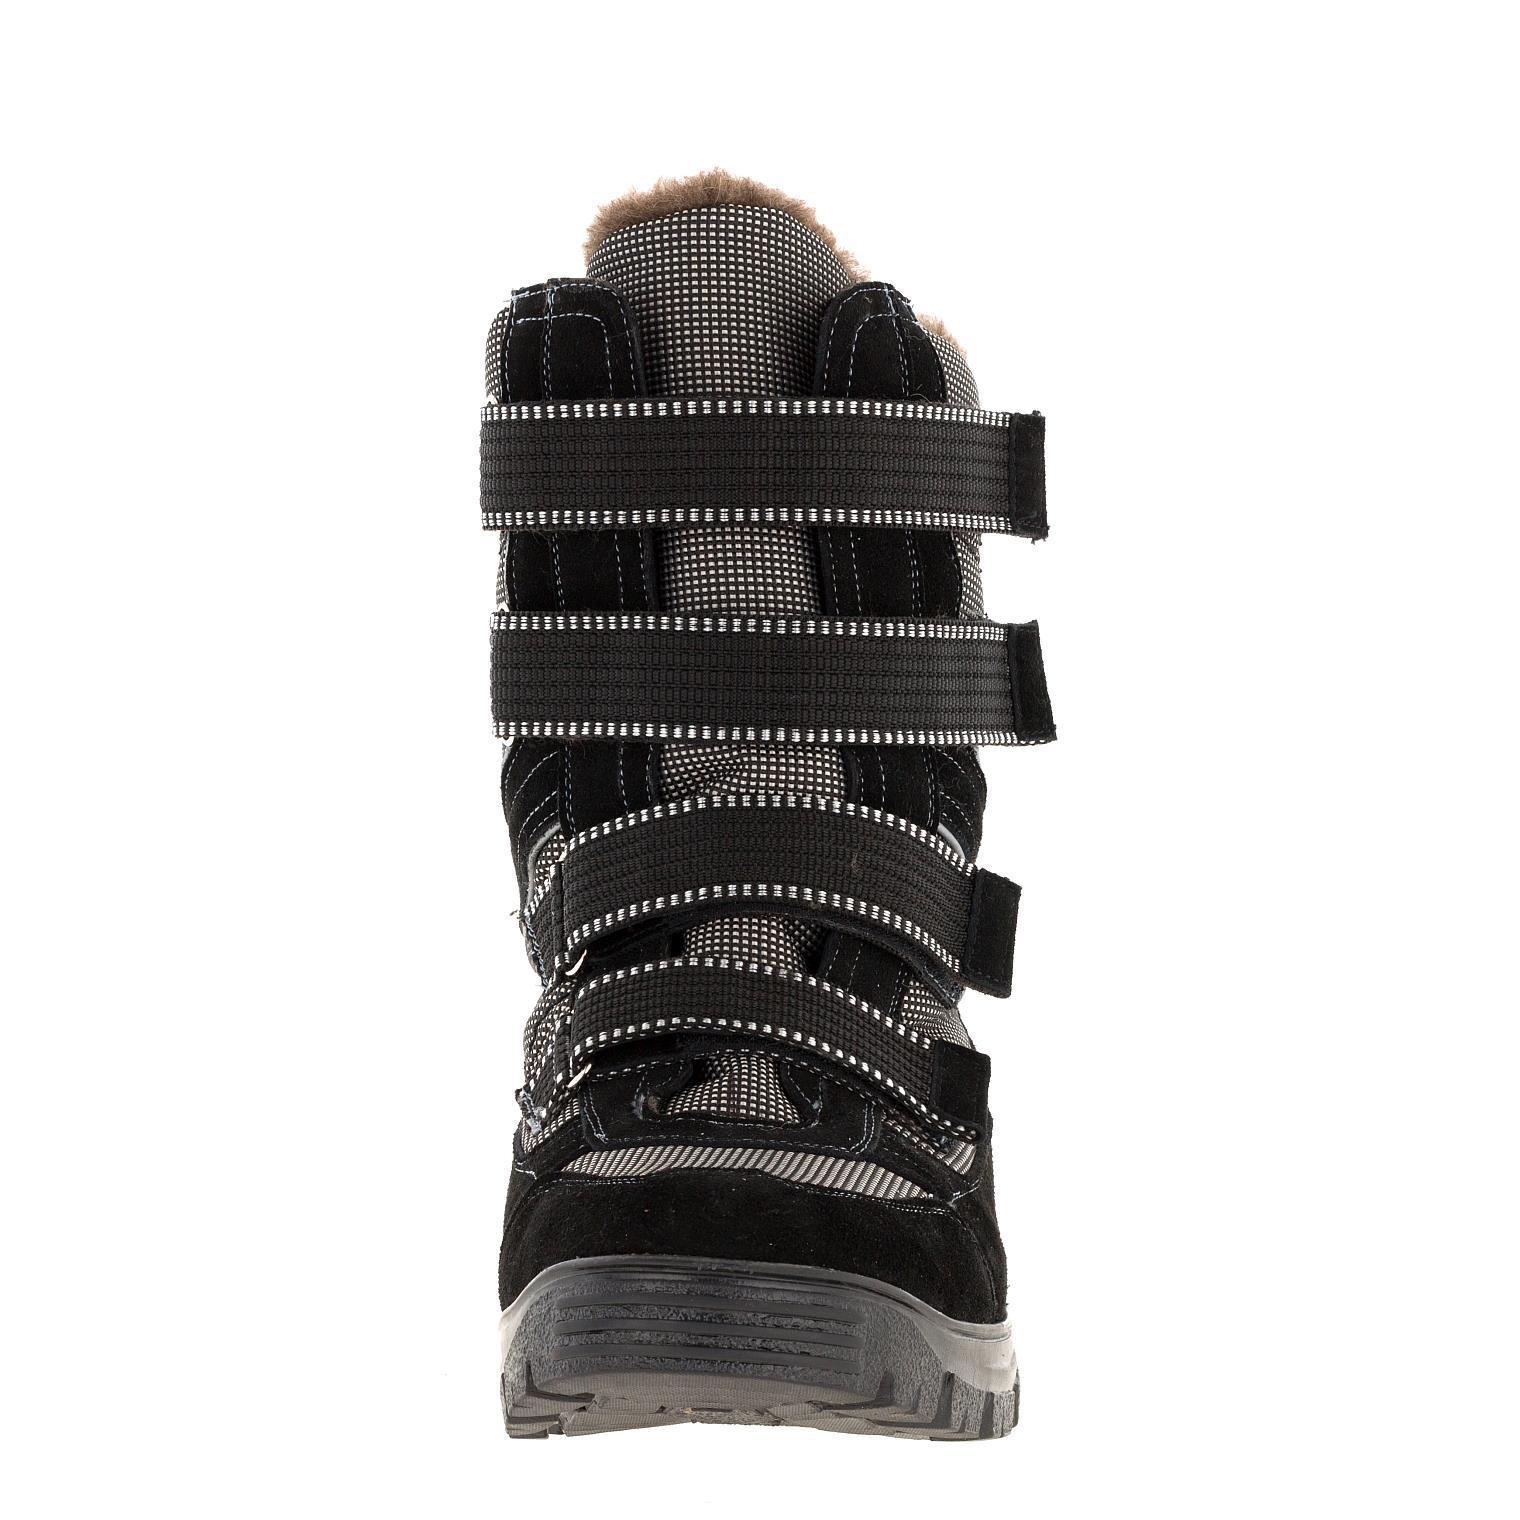 677478 ботинки мужские win больших размеров марки Делфино